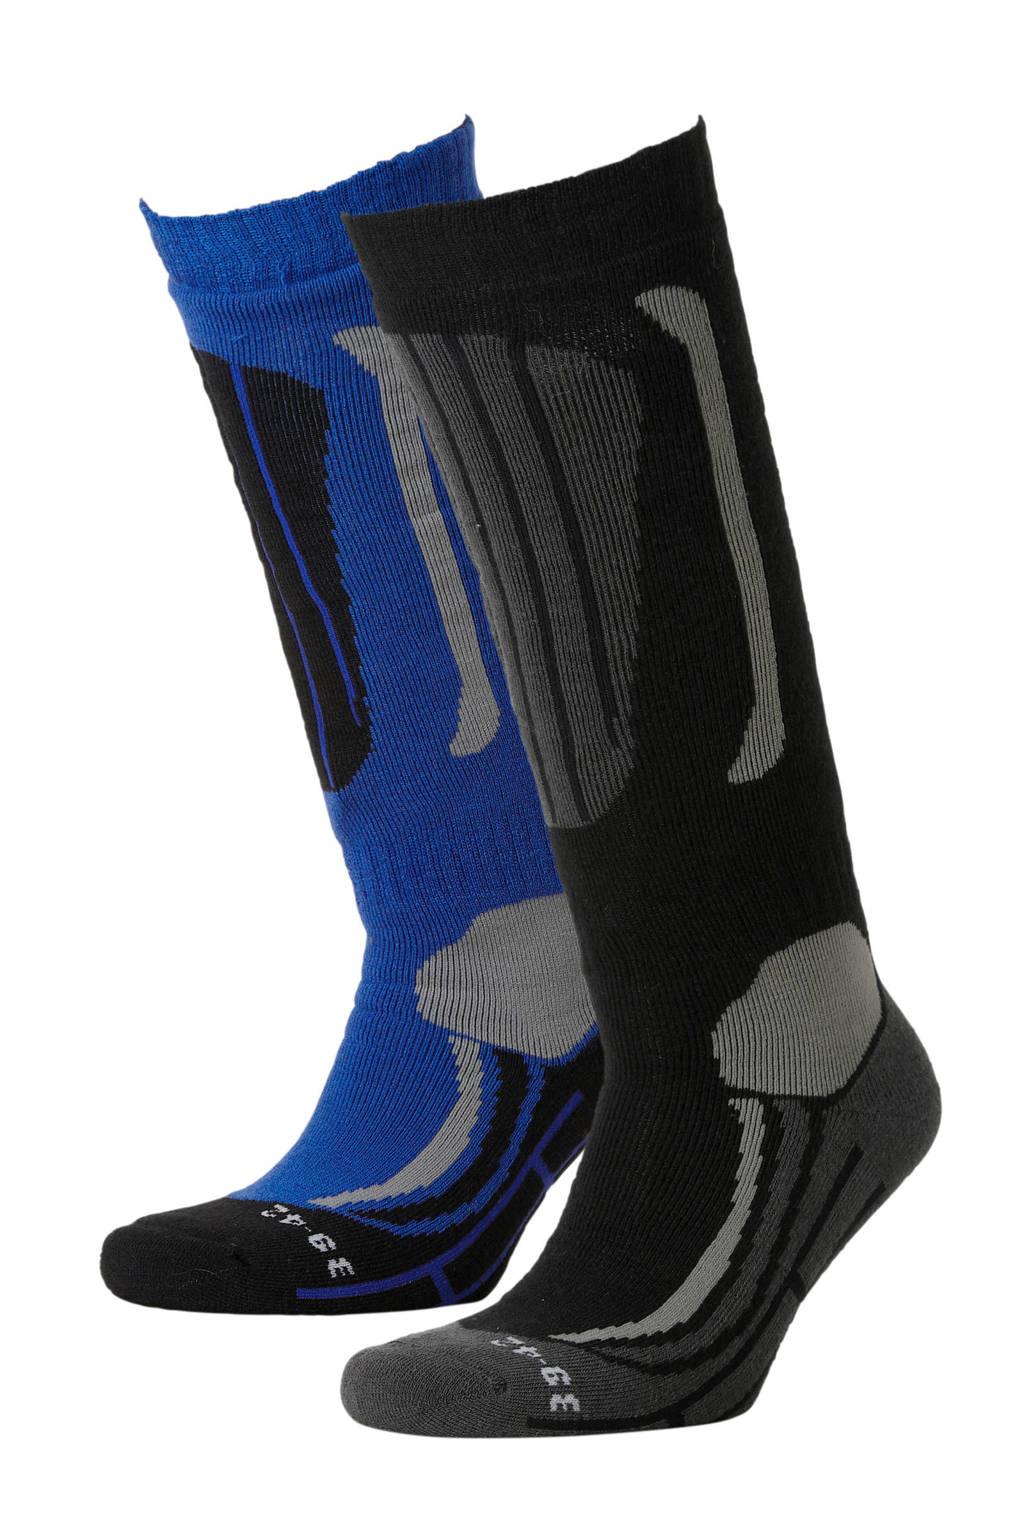 Falcon skisokken (set van 2), Blauw/zwart